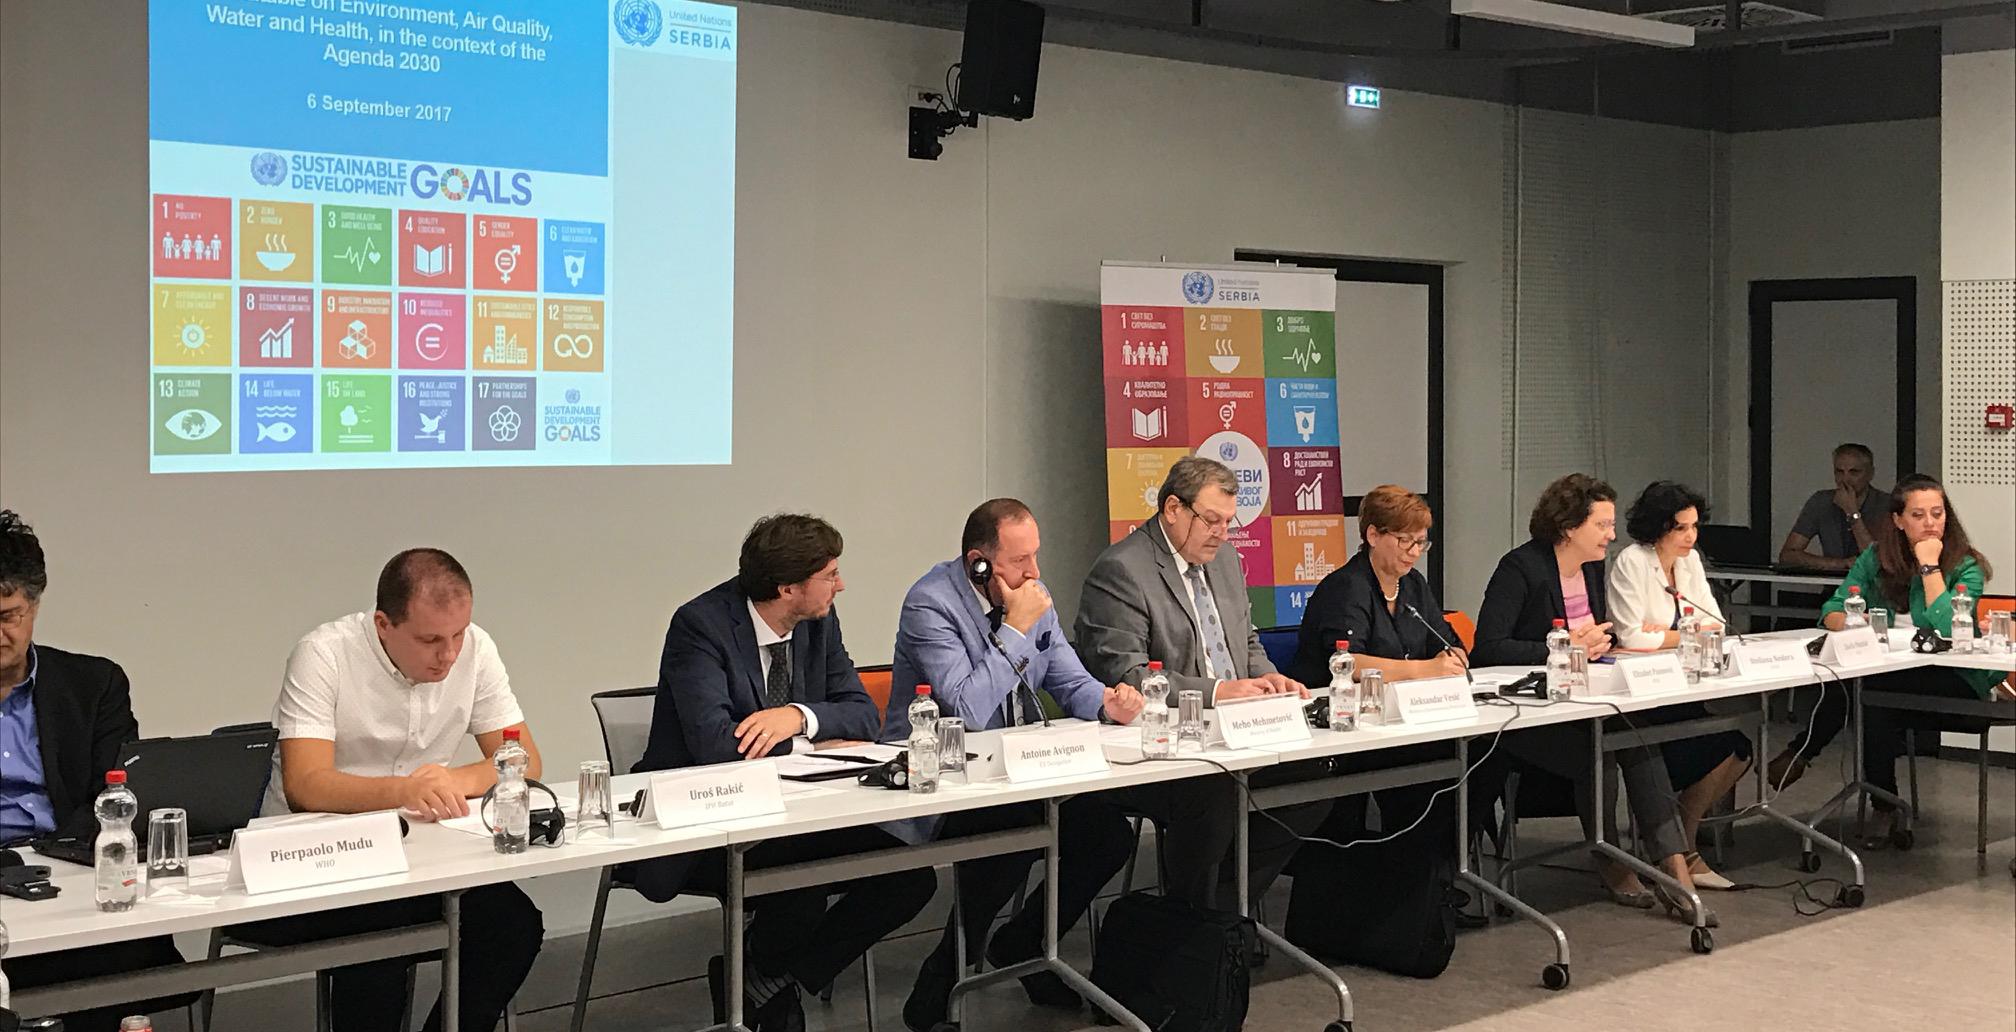 Pred Srbijom izazov unapređenja kvaliteta vazduha i vode u cilju zaštite zdravlja stanovništva